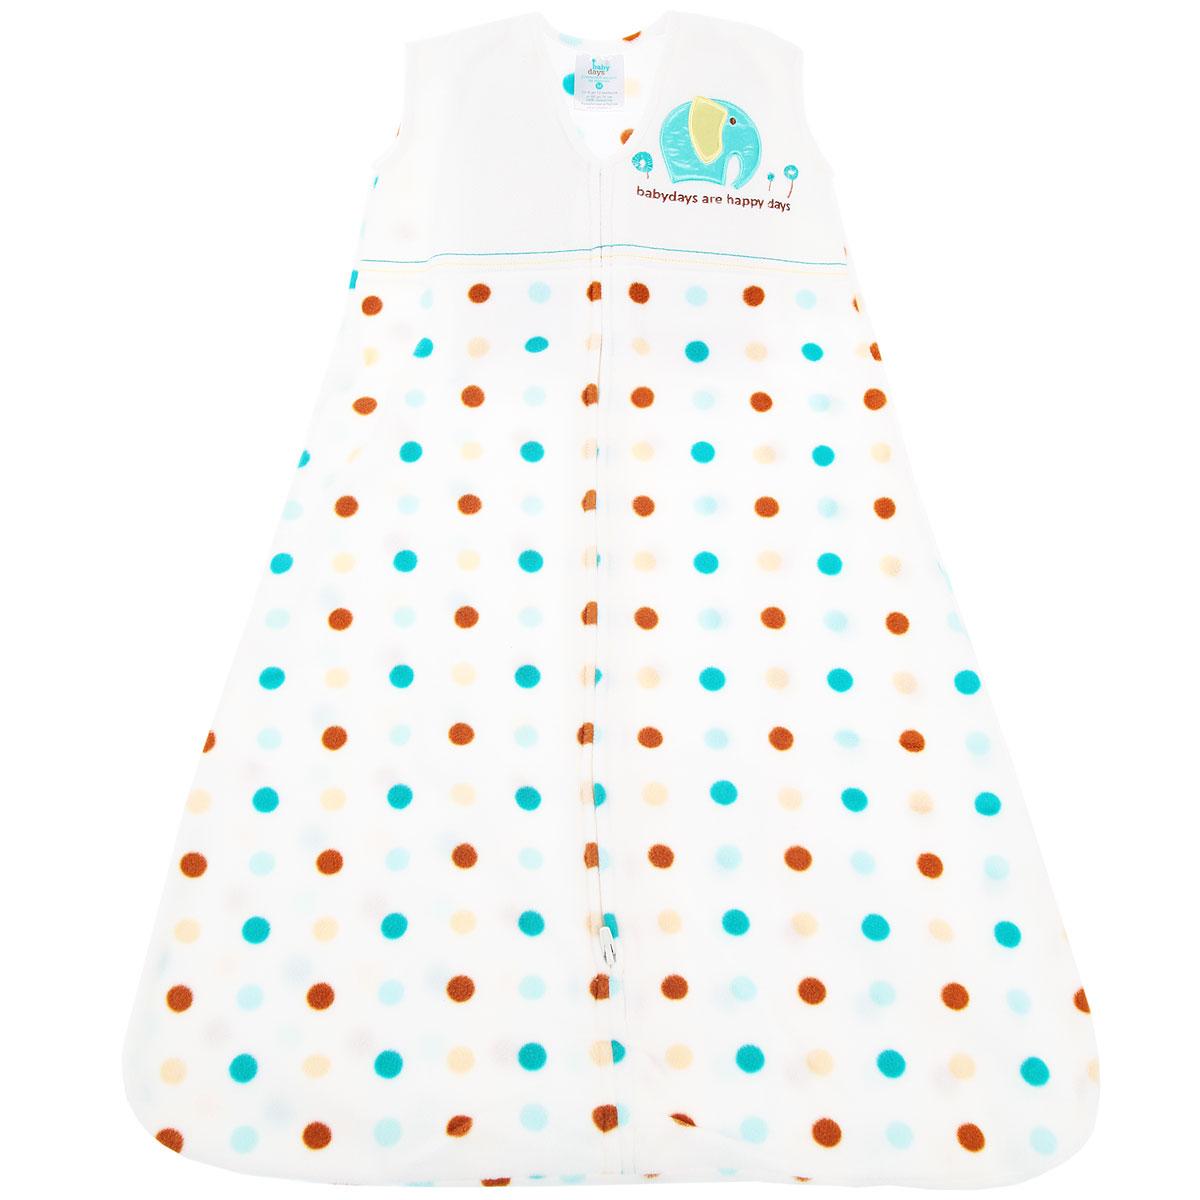 Спальный мешок для новорожденныхbd20008Спальный мешок для новорожденного Babydays Слоненок - это одновременно спальный мешок и теплое уютное одеяло. Мешок выполнен из теплого мягкого микрофлиса (220 г/м) - 100% полиэстера. Изделие отличается высокой прочностью и износостойкостью, материал не линяет, не теряет яркости, сохраняет свой первоначальный вид по мере использования и носки. Модель одевается поверх обычной одежды для сна, обеспечивая максимальный комфорт и безопасность. Мешок без рукавов и с круглым вырезом горловины застегивается на длинную застежку снизу вверх, что делает удобным смену подгузников и не травмирует подбородок. Безрукавный крой снижает риск перегрева. Свободная нижняя часть дает малышу достаточное пространство, чтобы двигать ножками: это необходимо для правильного развития тазобедренного сустава. Оформлено изделие гороховым принтом, а также на груди украшено аппликацией в виде слоника и вышитой надписью на английском языке. Спальный мешок заменяет одеяло, он безопасен и удобен во время сна...